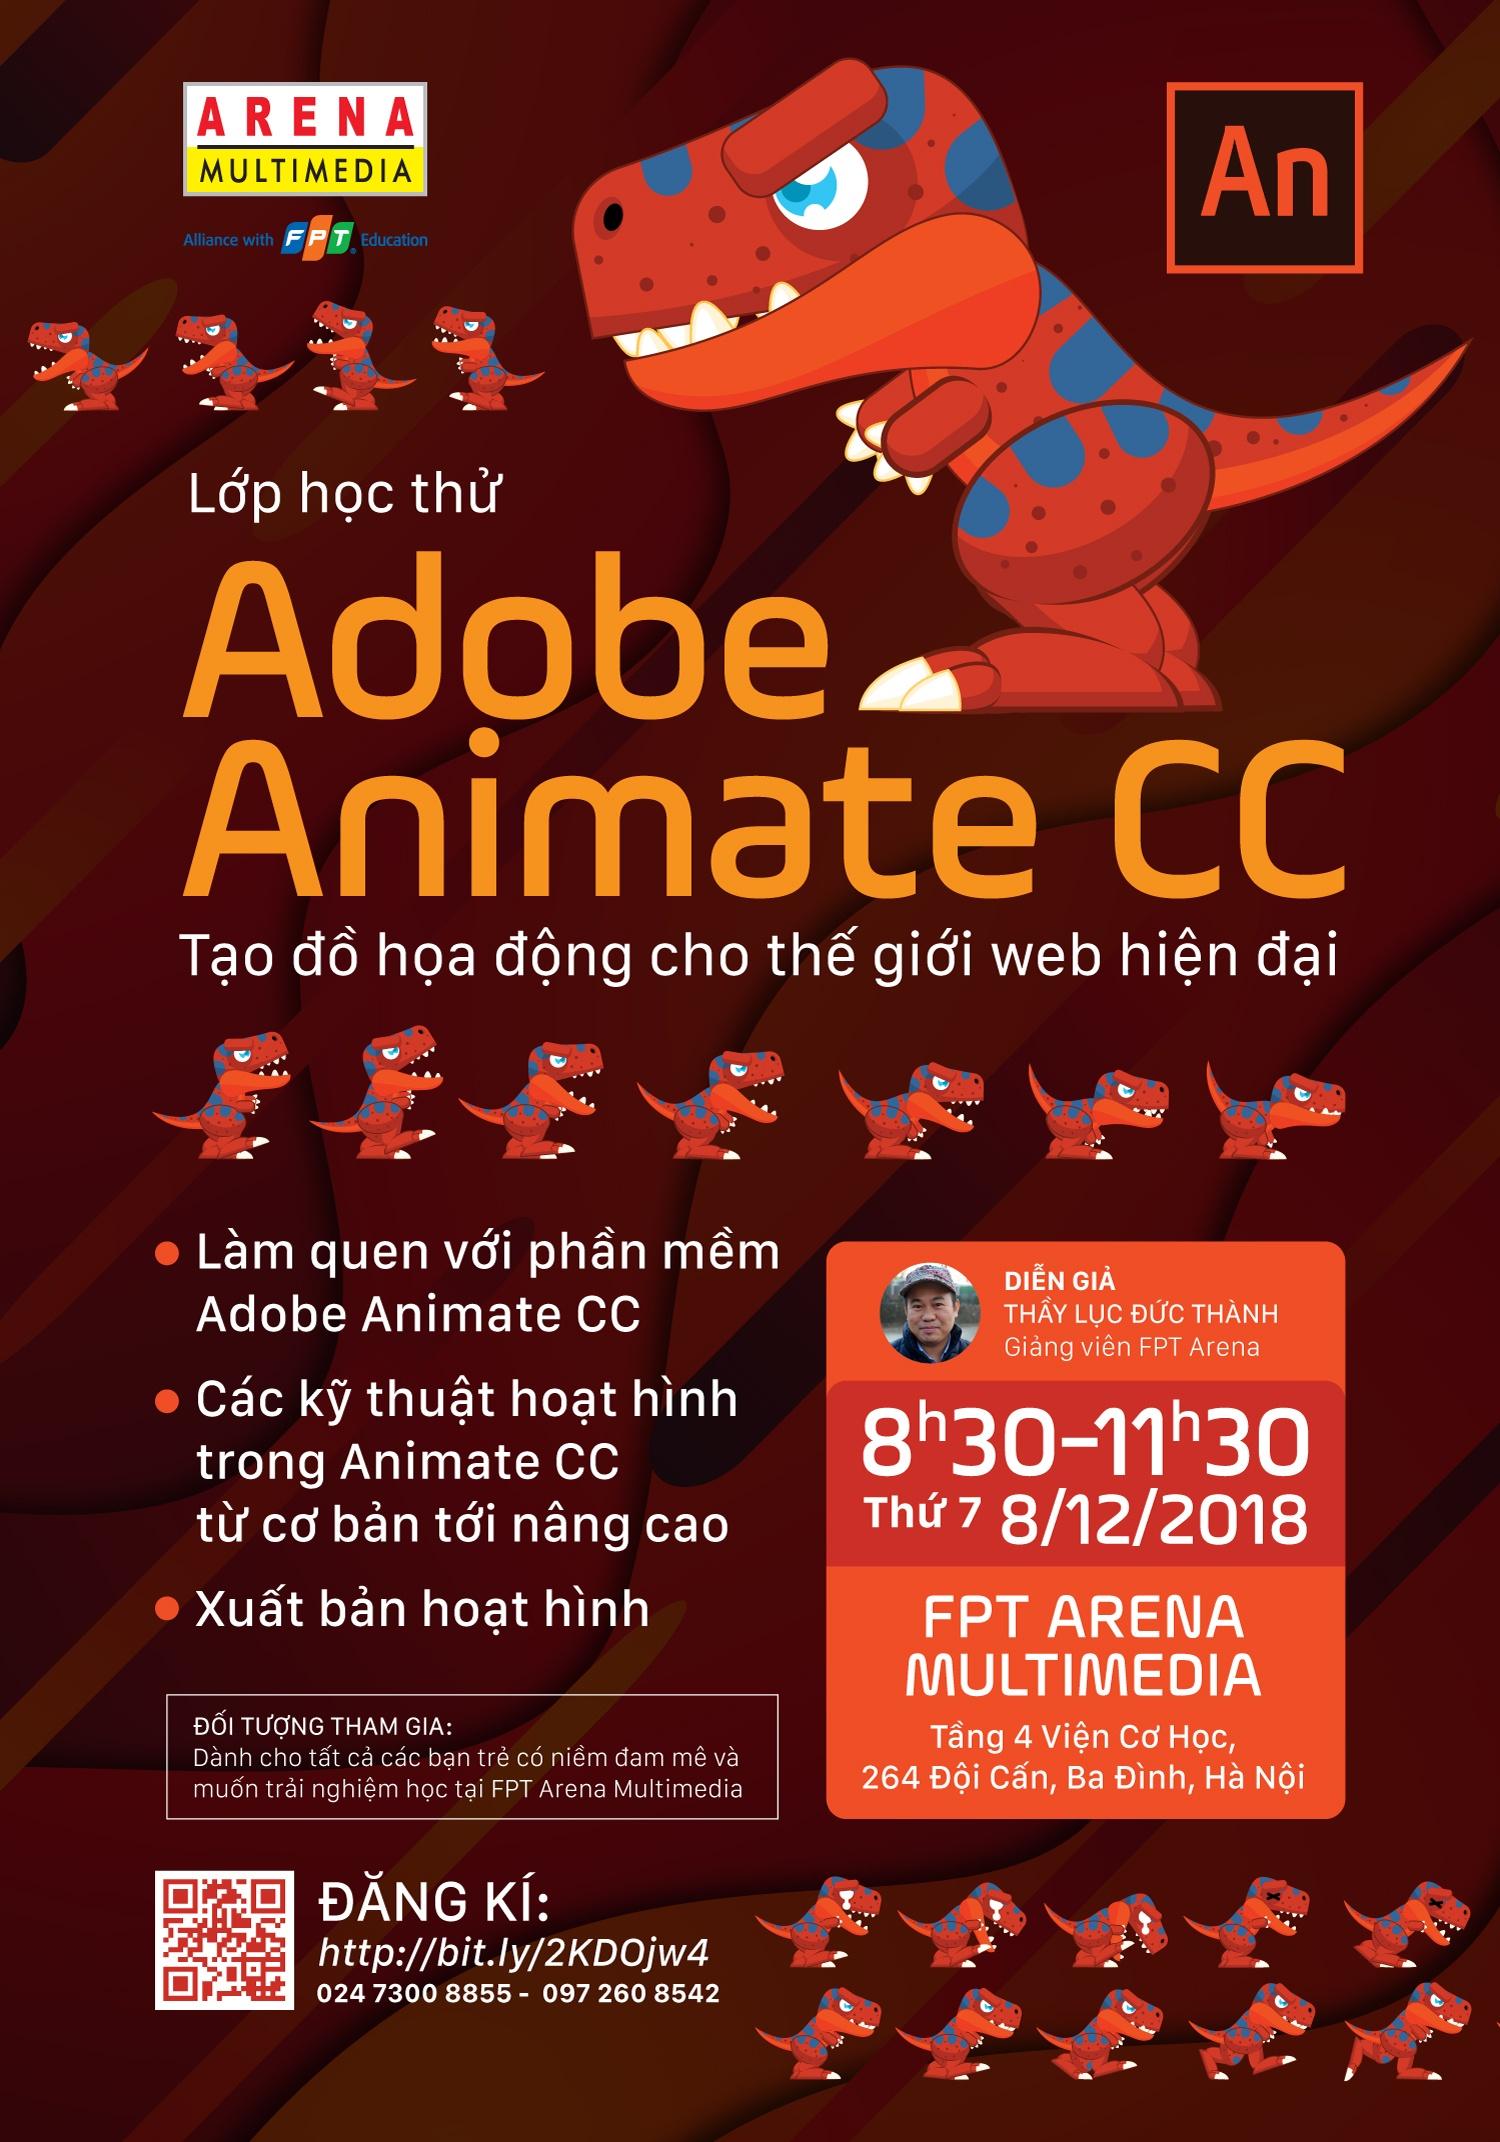 Adobe Animate CC - Phần mềm tạo đồ họa động cho trang web hiện đại